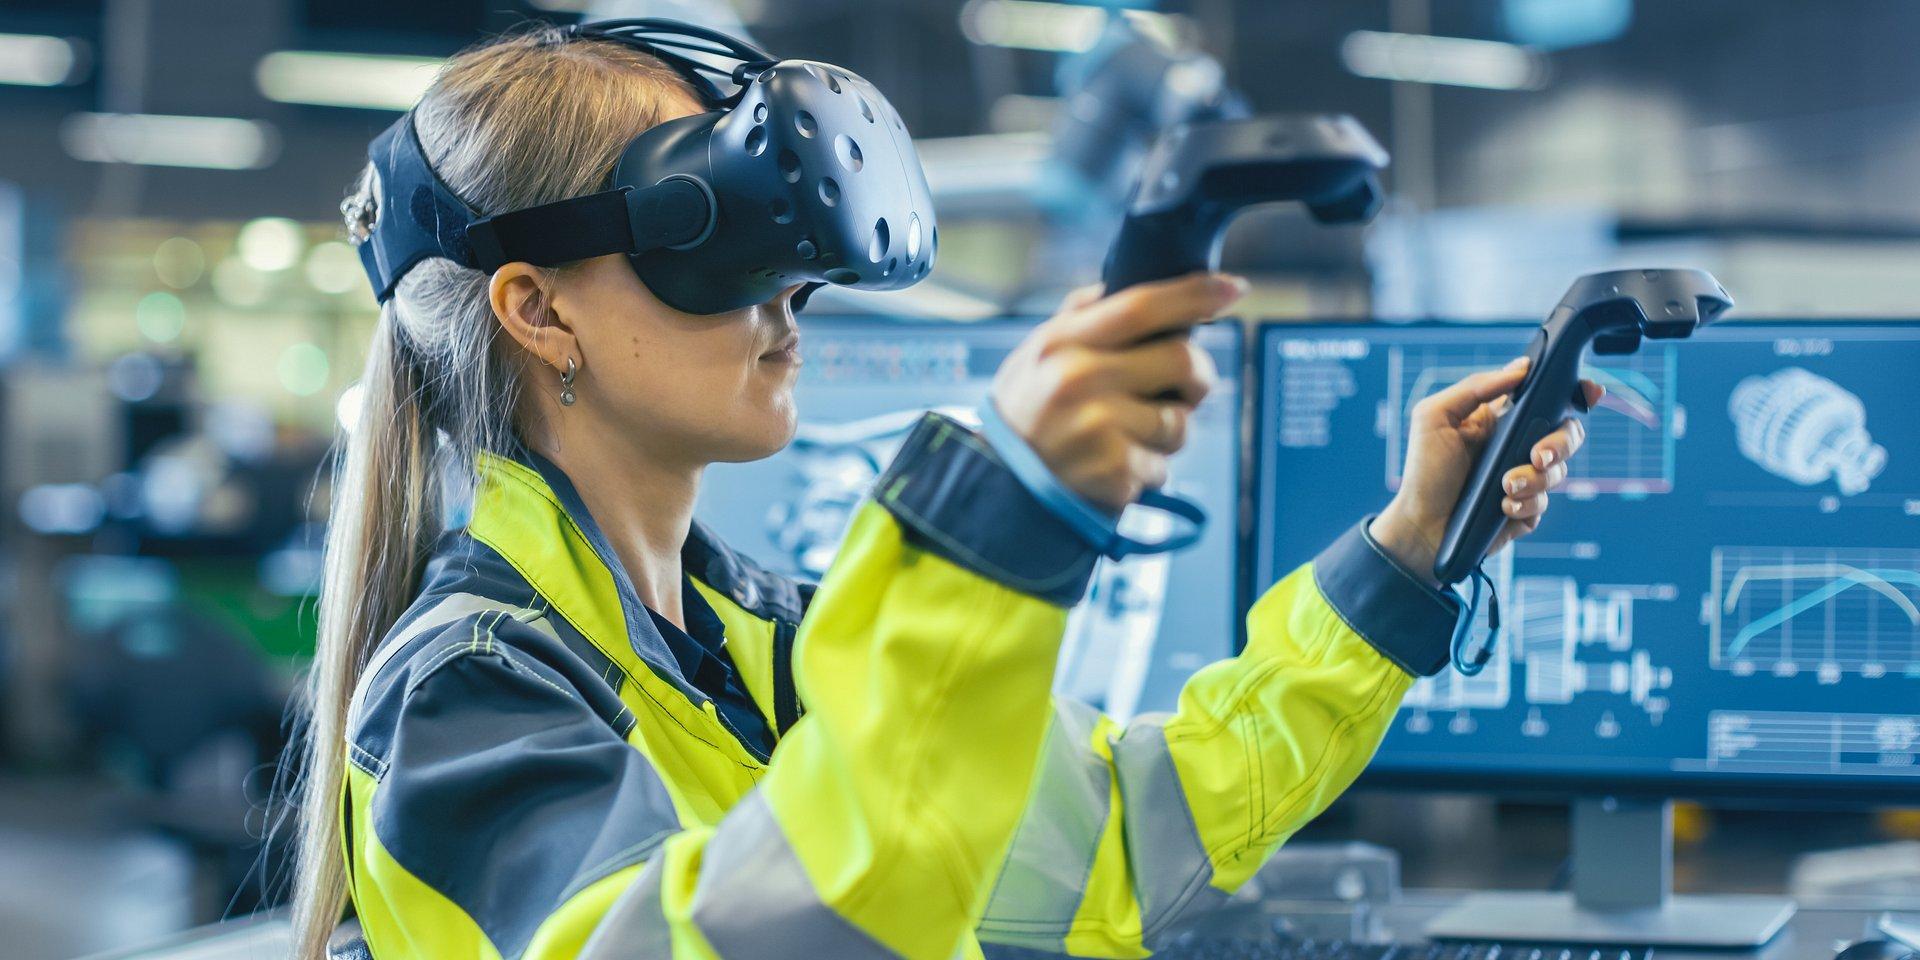 Przemysł 4.0: co składa się na inteligentną fabrykę?